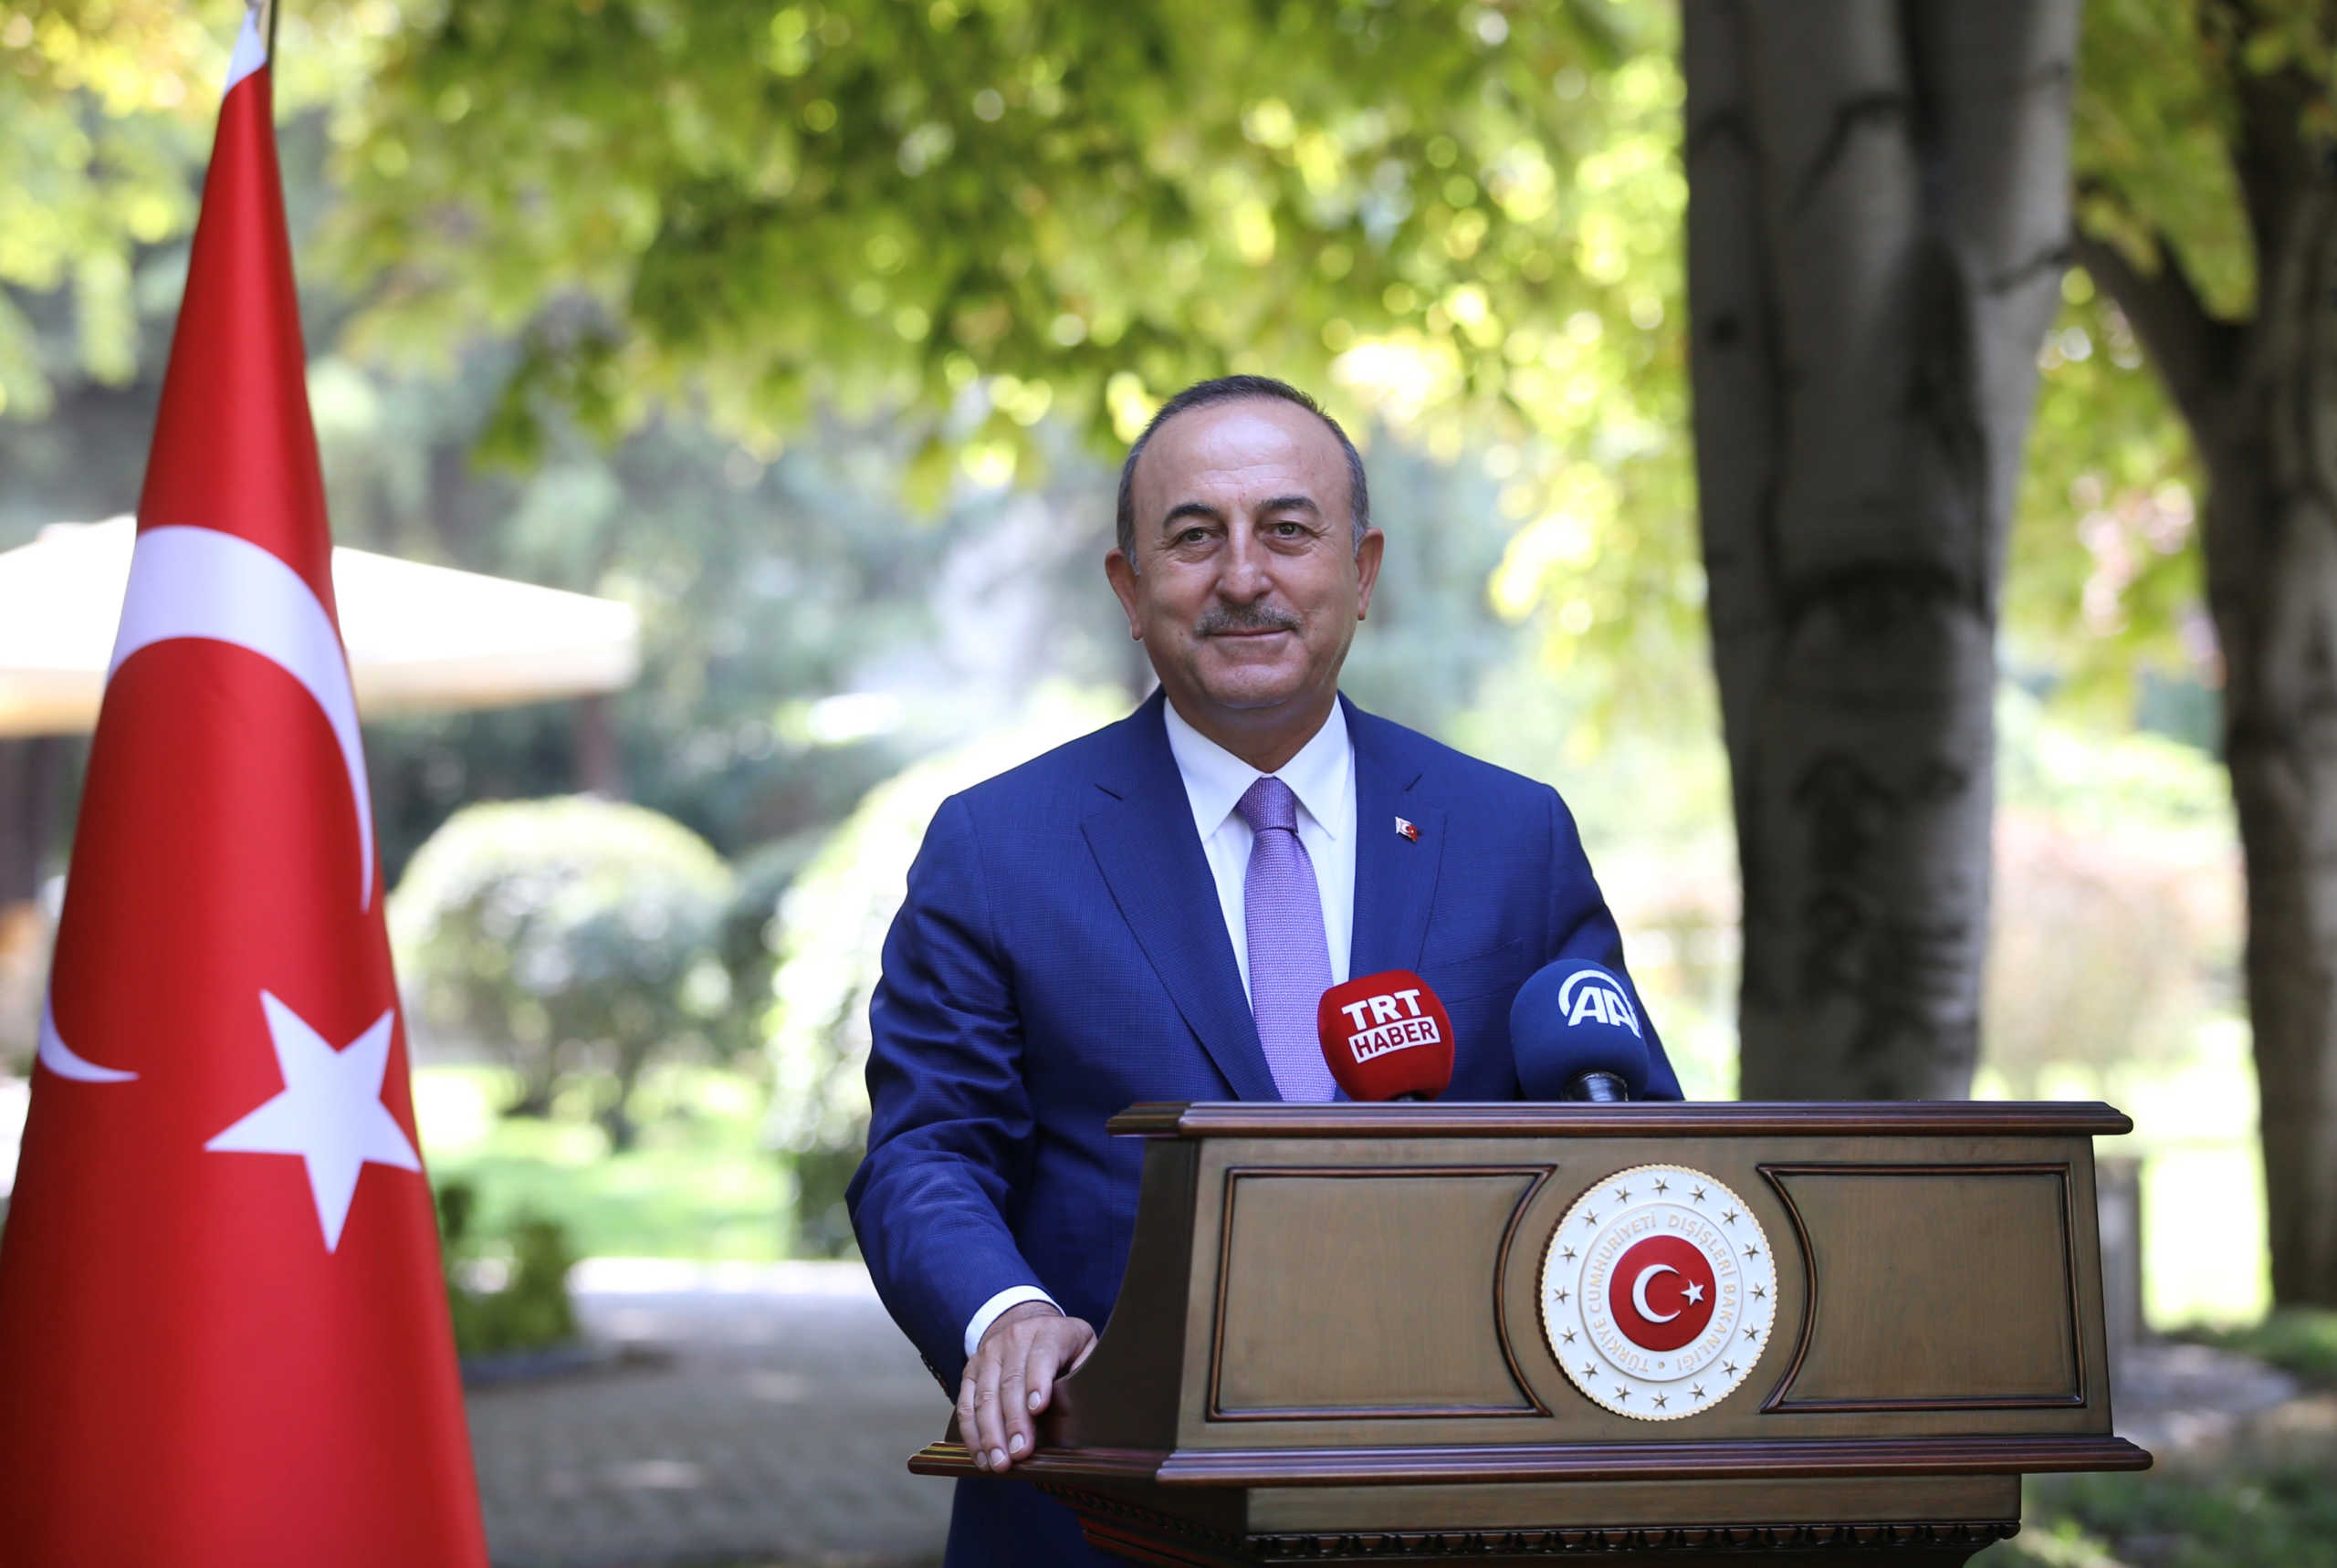 Τσαβούσογλου: Η Ελλάδα προκαλεί, η Τουρκία θέλει διπλωματία και ένταξη στην Ε.Ε.